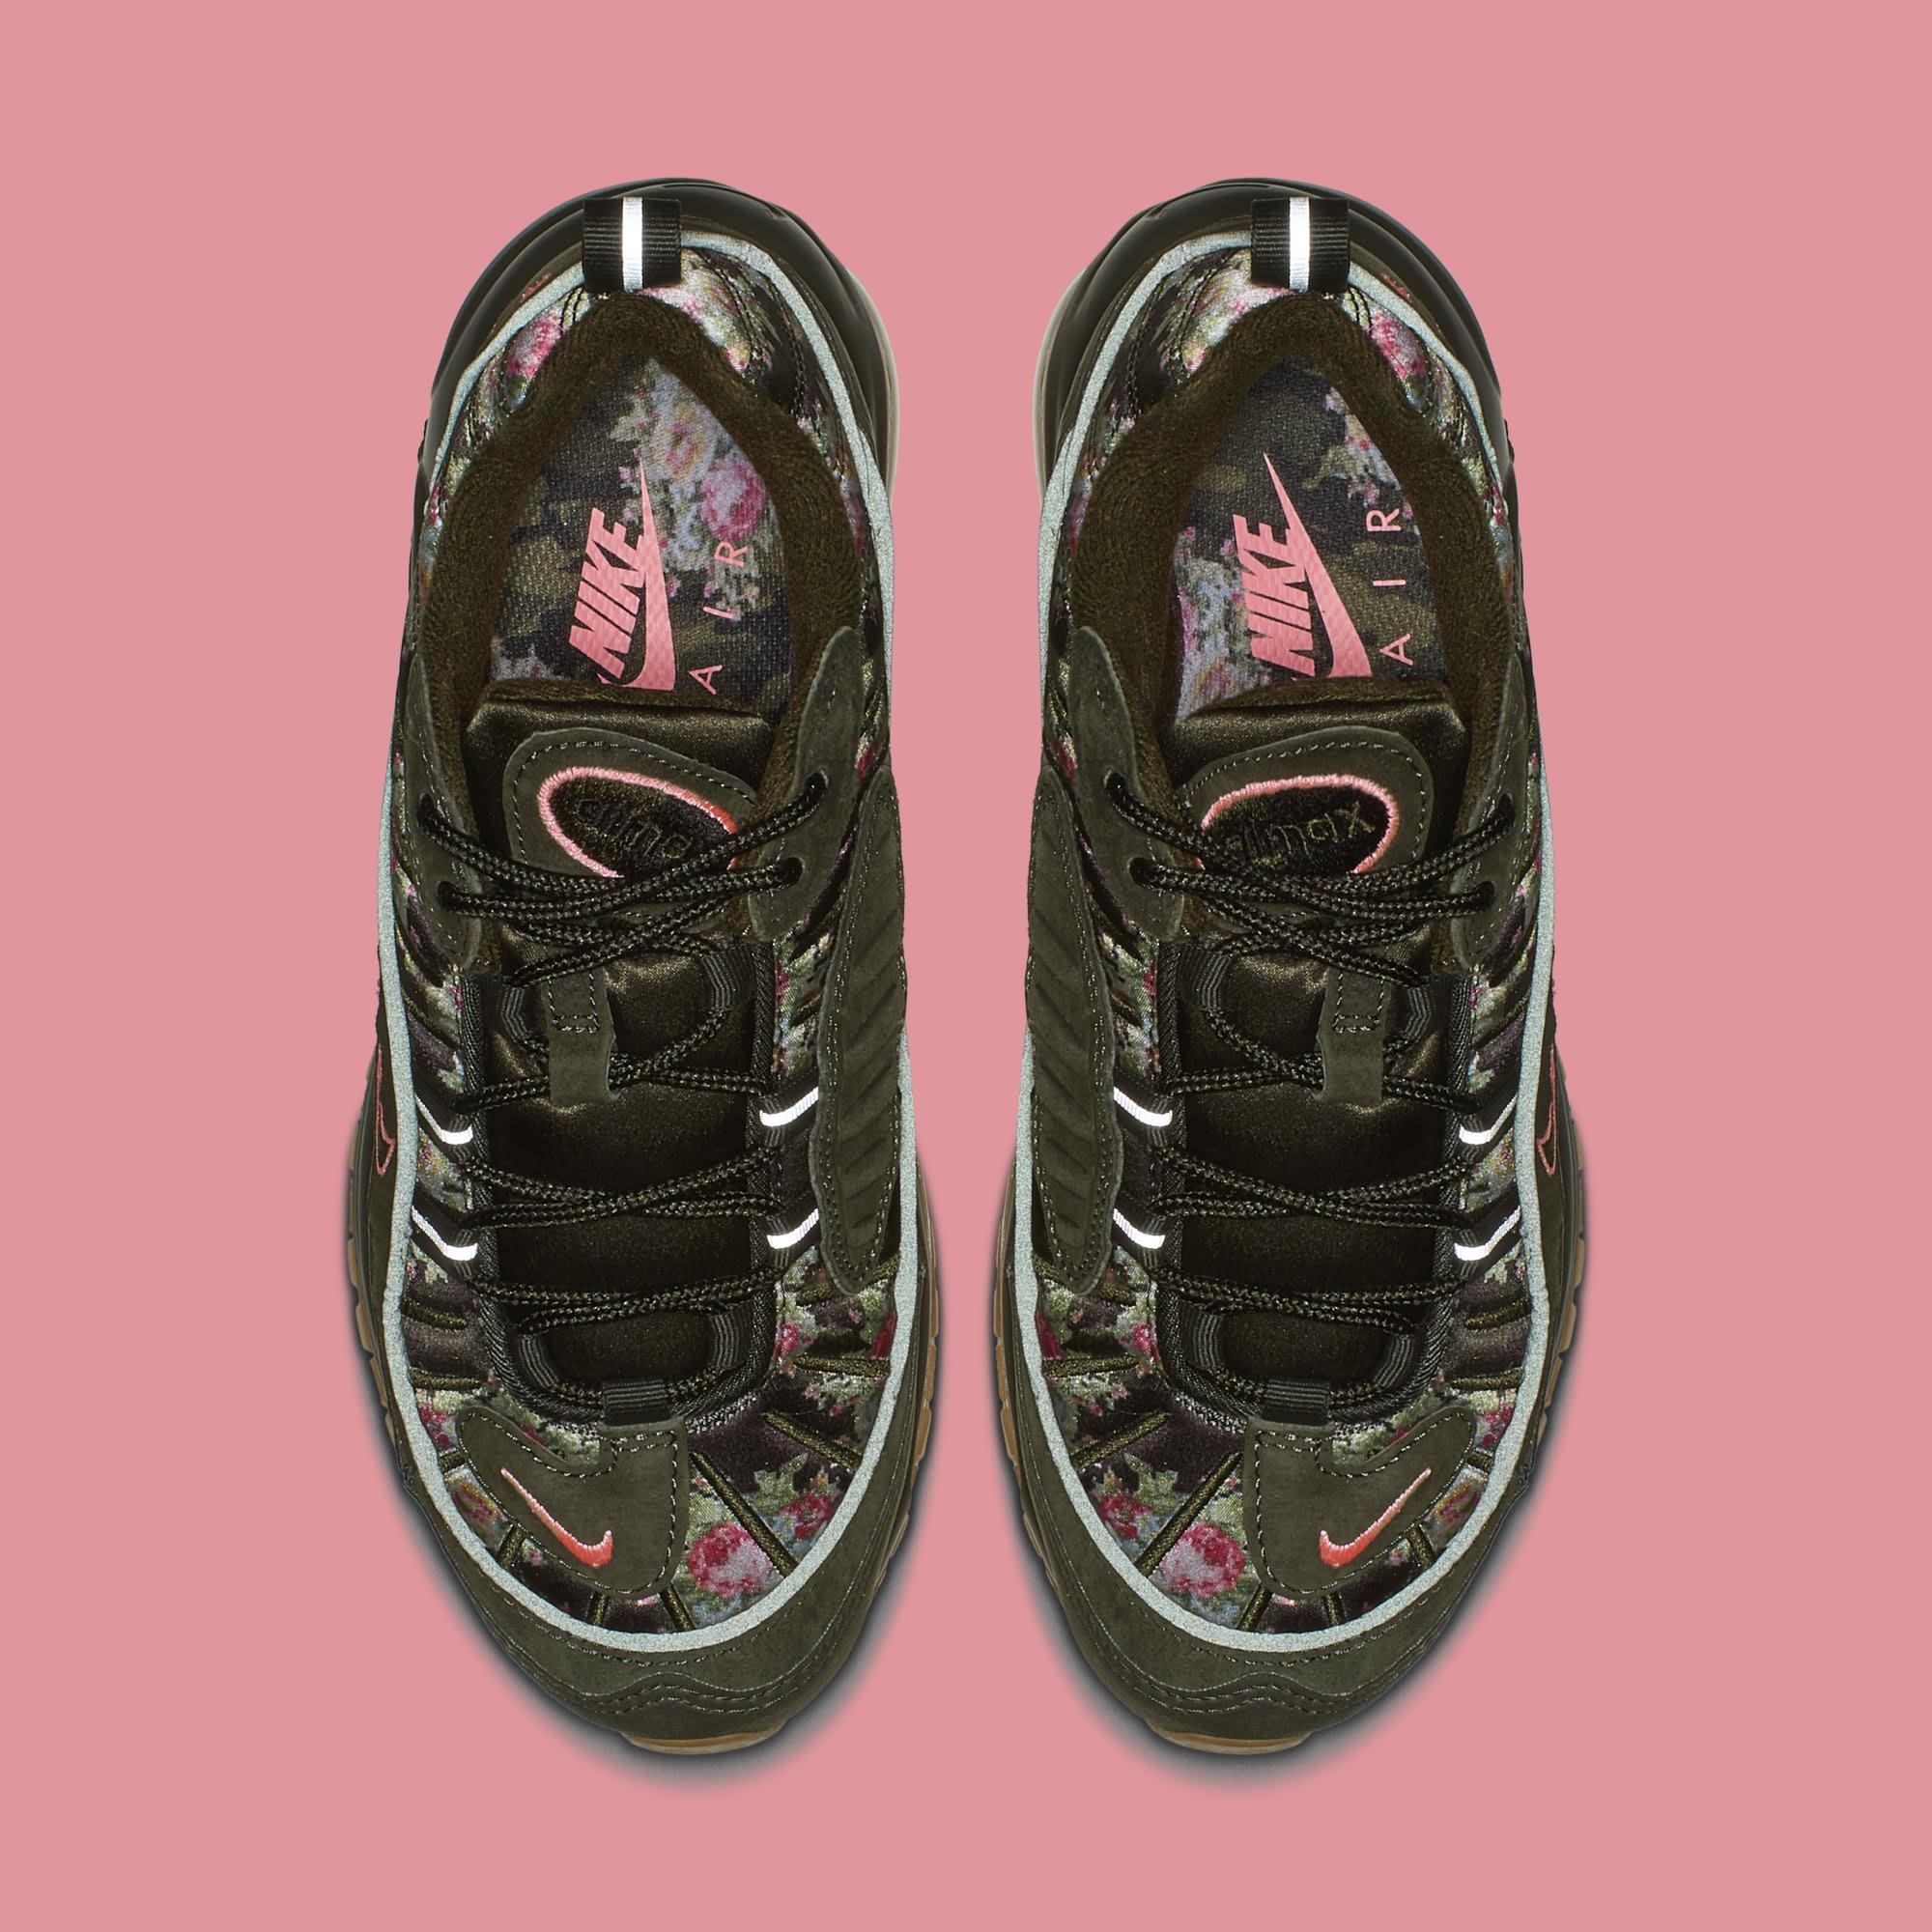 WMNS Nike Air Max 98 'Floral Camo' AQ6498-300 (Top)